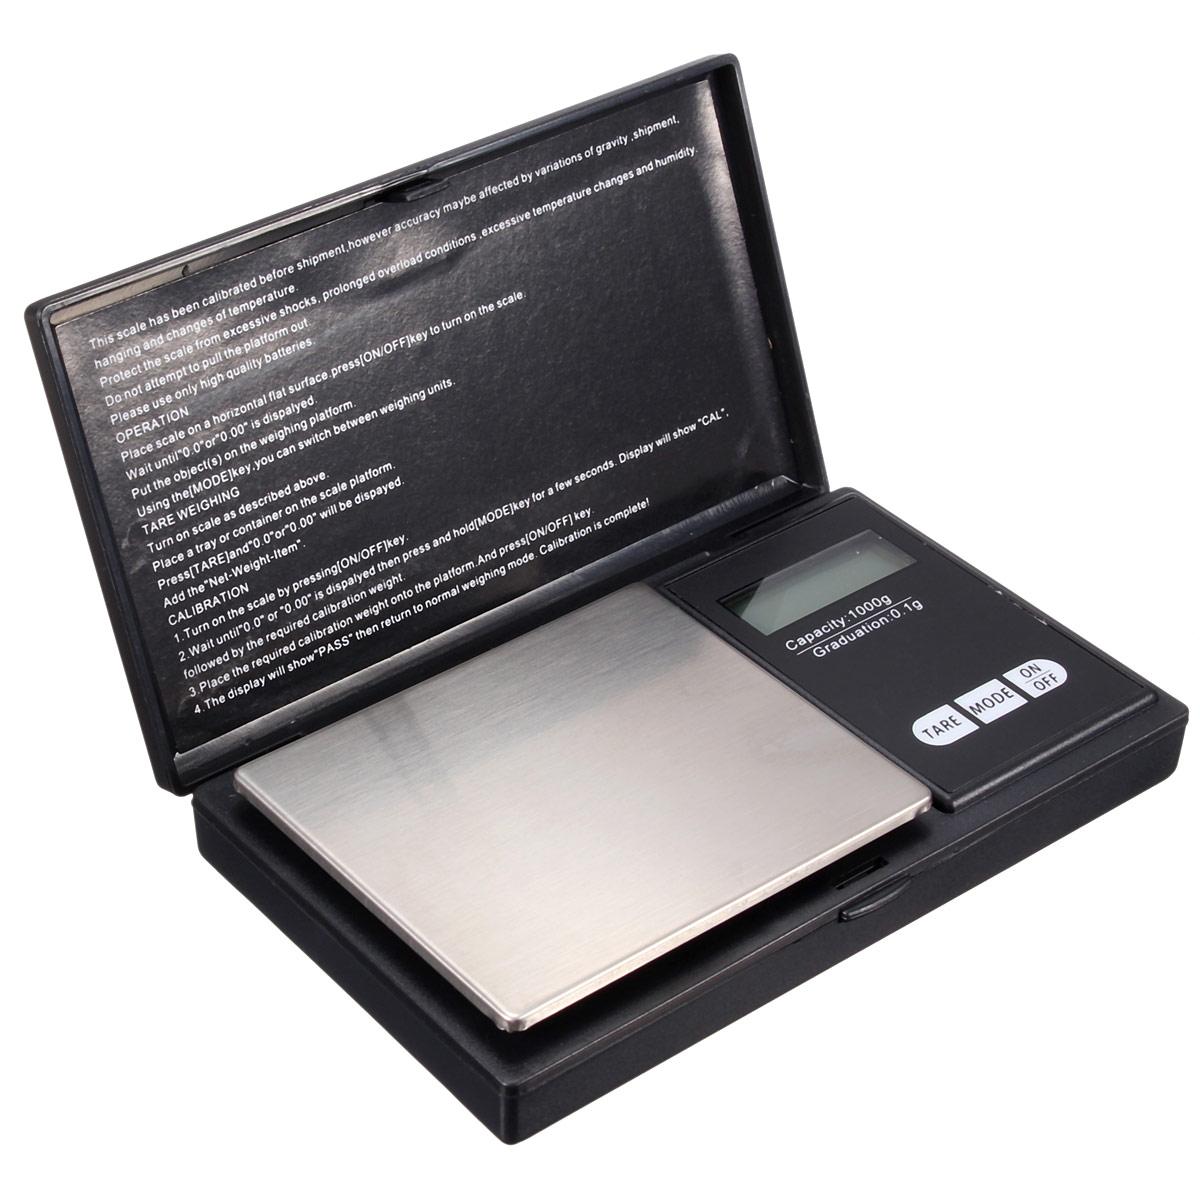 Lcd 1000g x mini professional digital jewelry pocket for Mini digital jewelry pocket gram scale